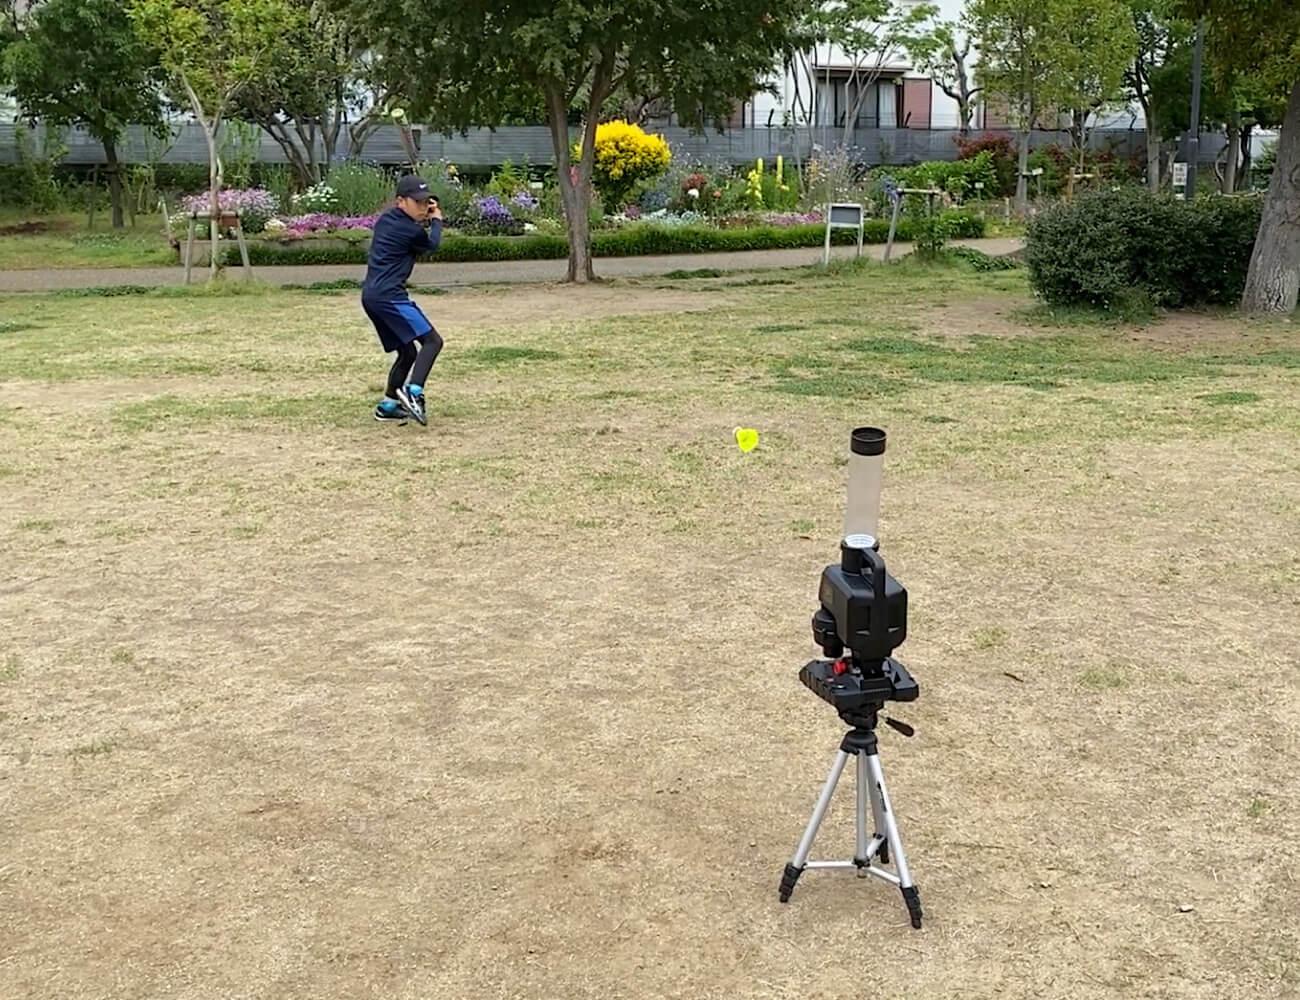 小学生でも一人で出来るバッティング練習/スピードシャトルマシン